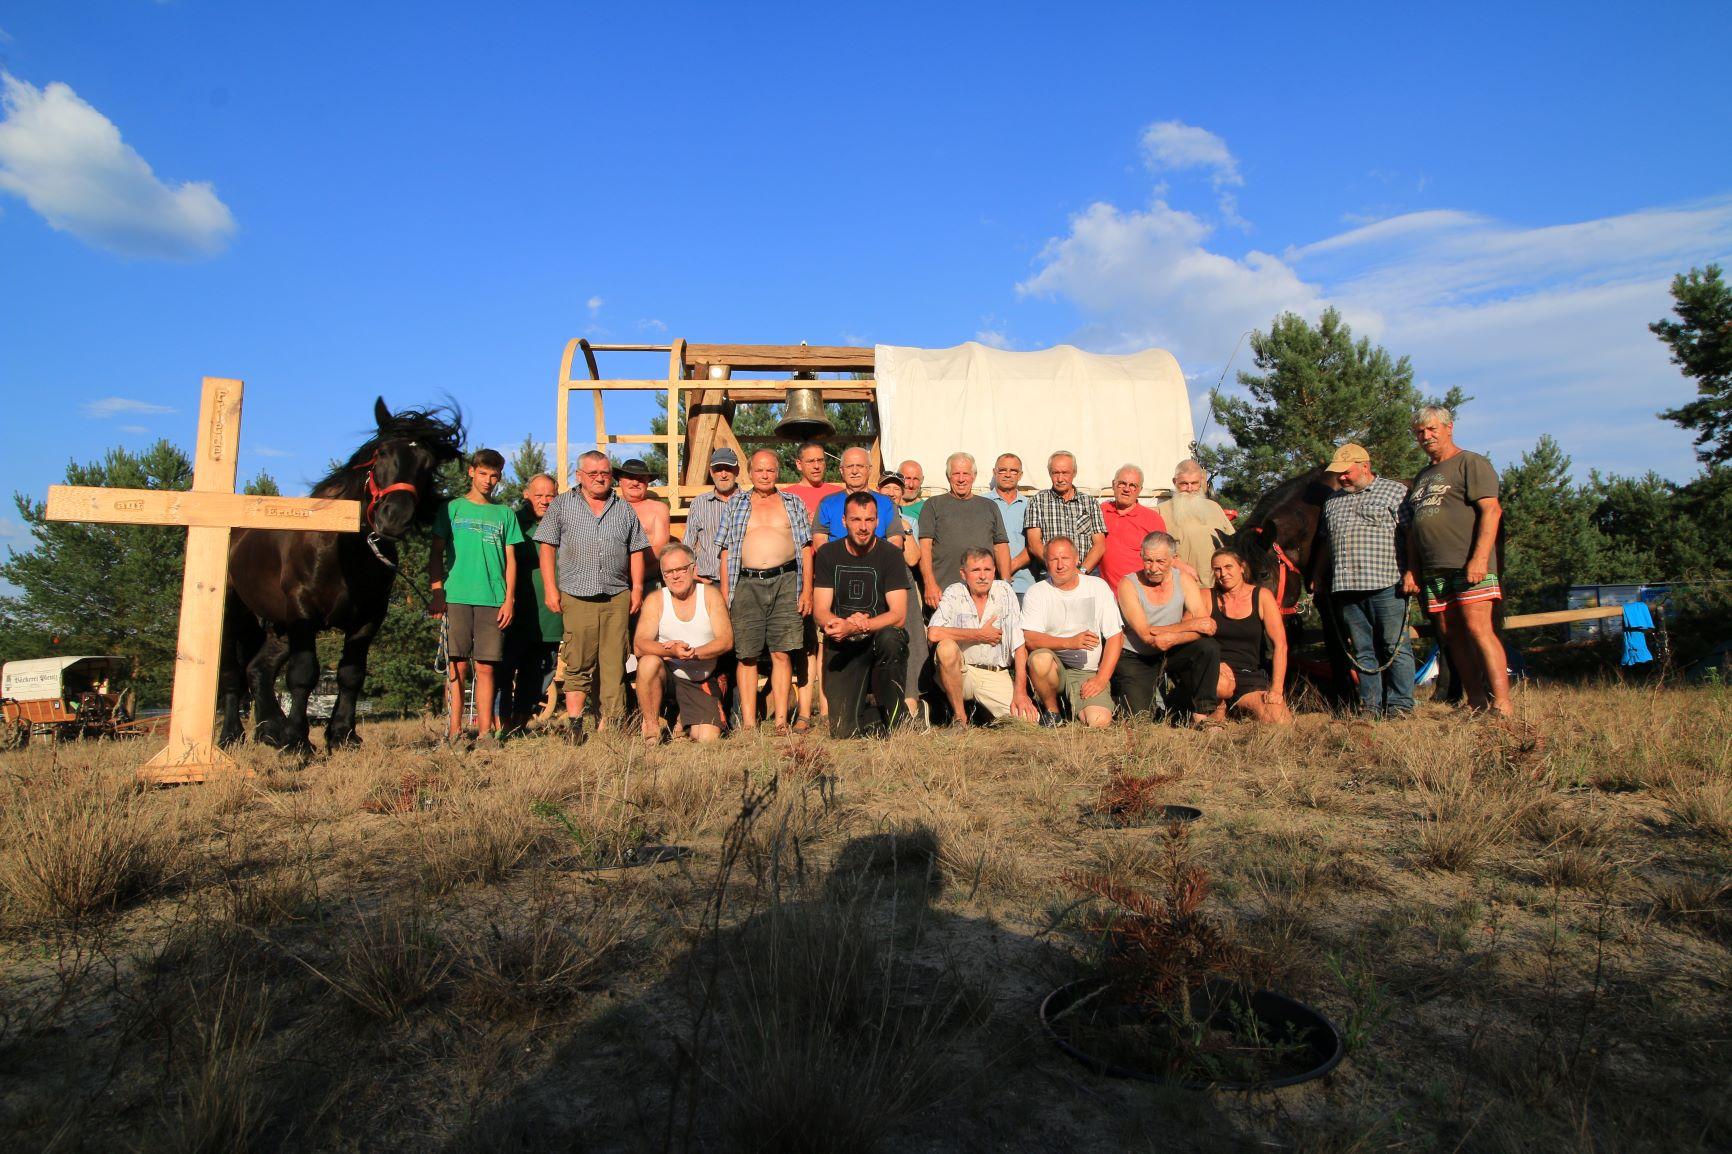 Titanen on tour 2018 - die Mannschaft